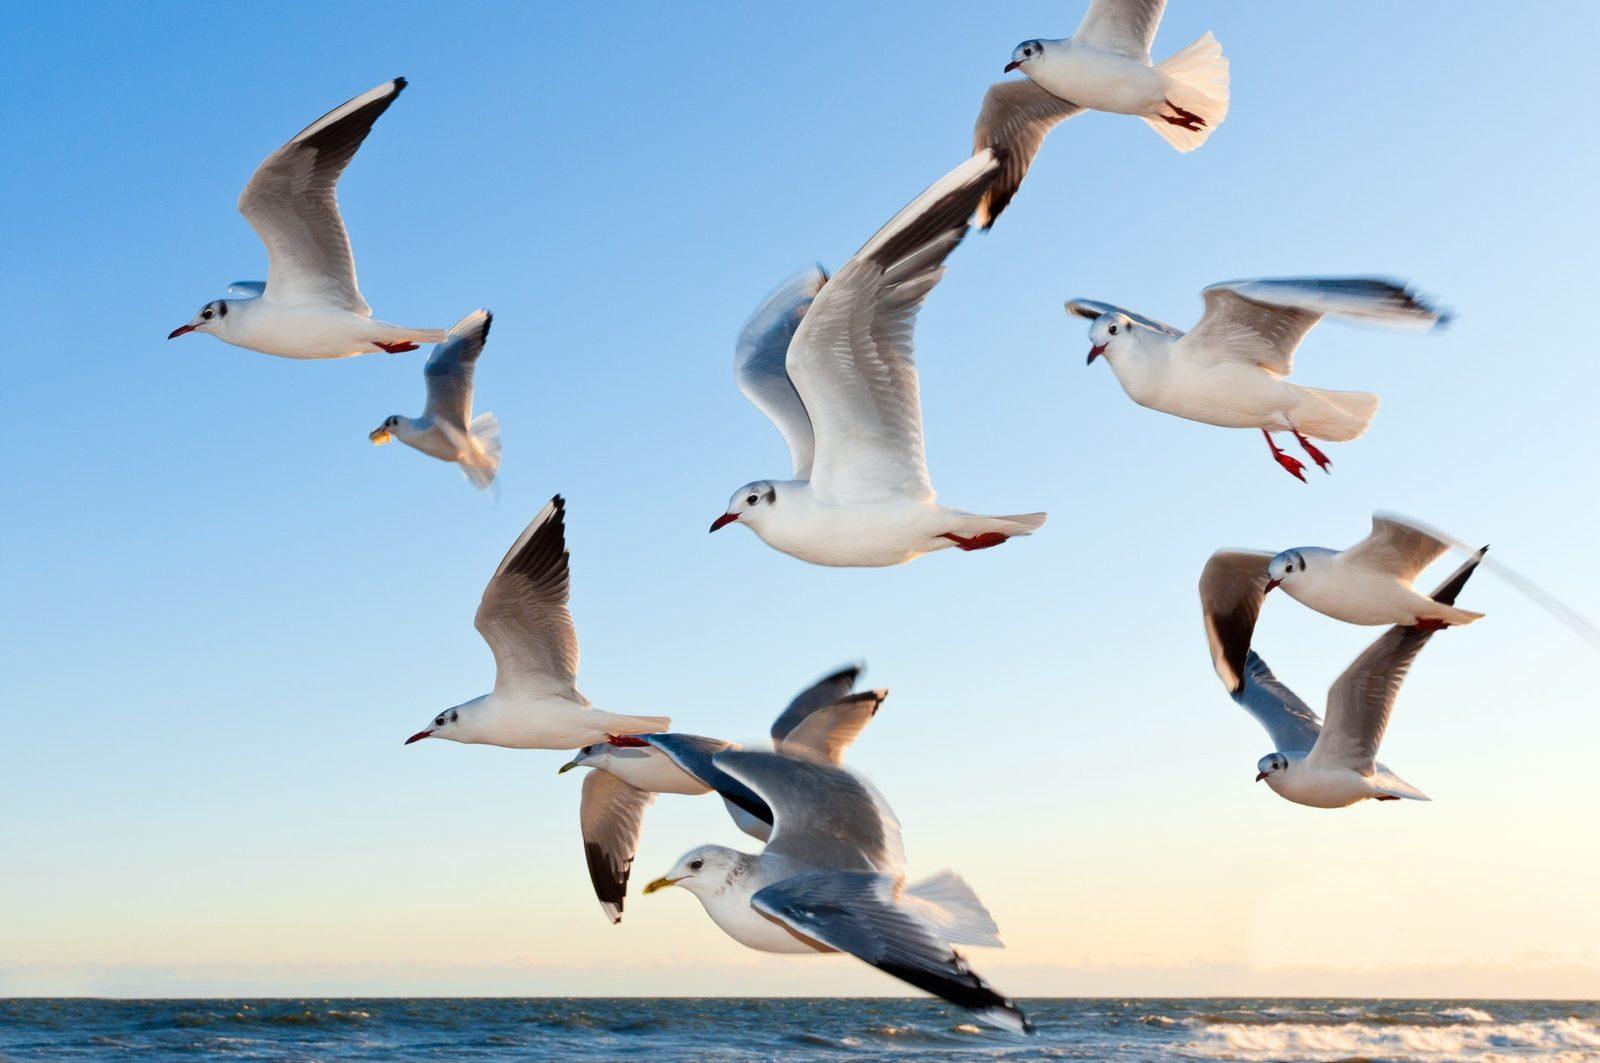 Sonhar com gaivota atacando é sinal de que sua coragem e força serão desafiados.